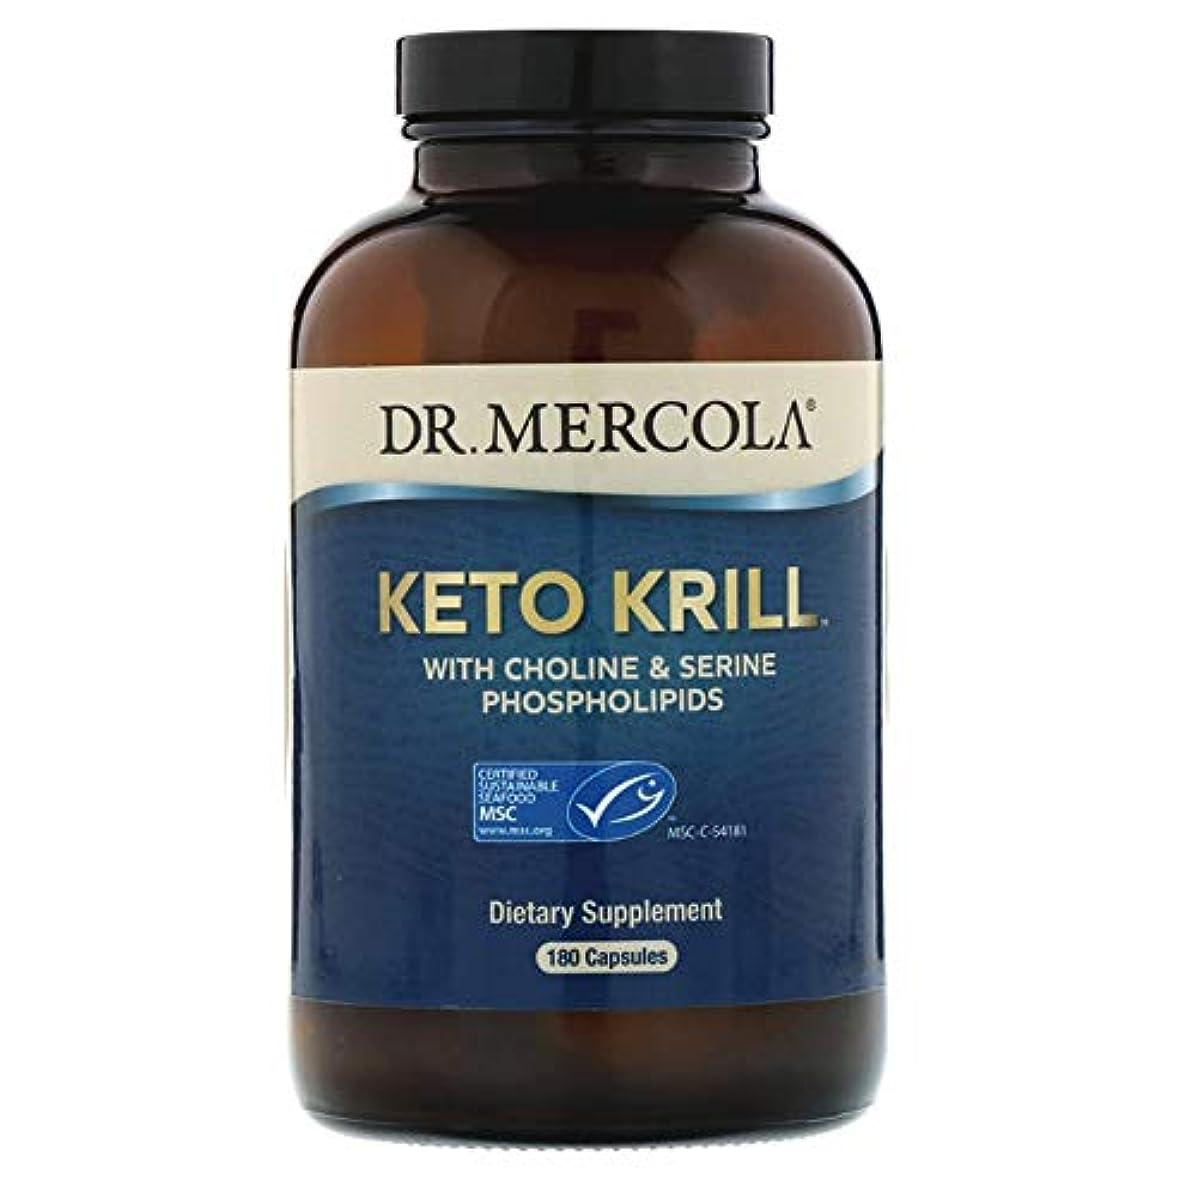 止まる限りなくと組むDr Mercola ケトオキアミ コリン セリンリン脂質配合 カプセル 180粒 【アメリカ直送】